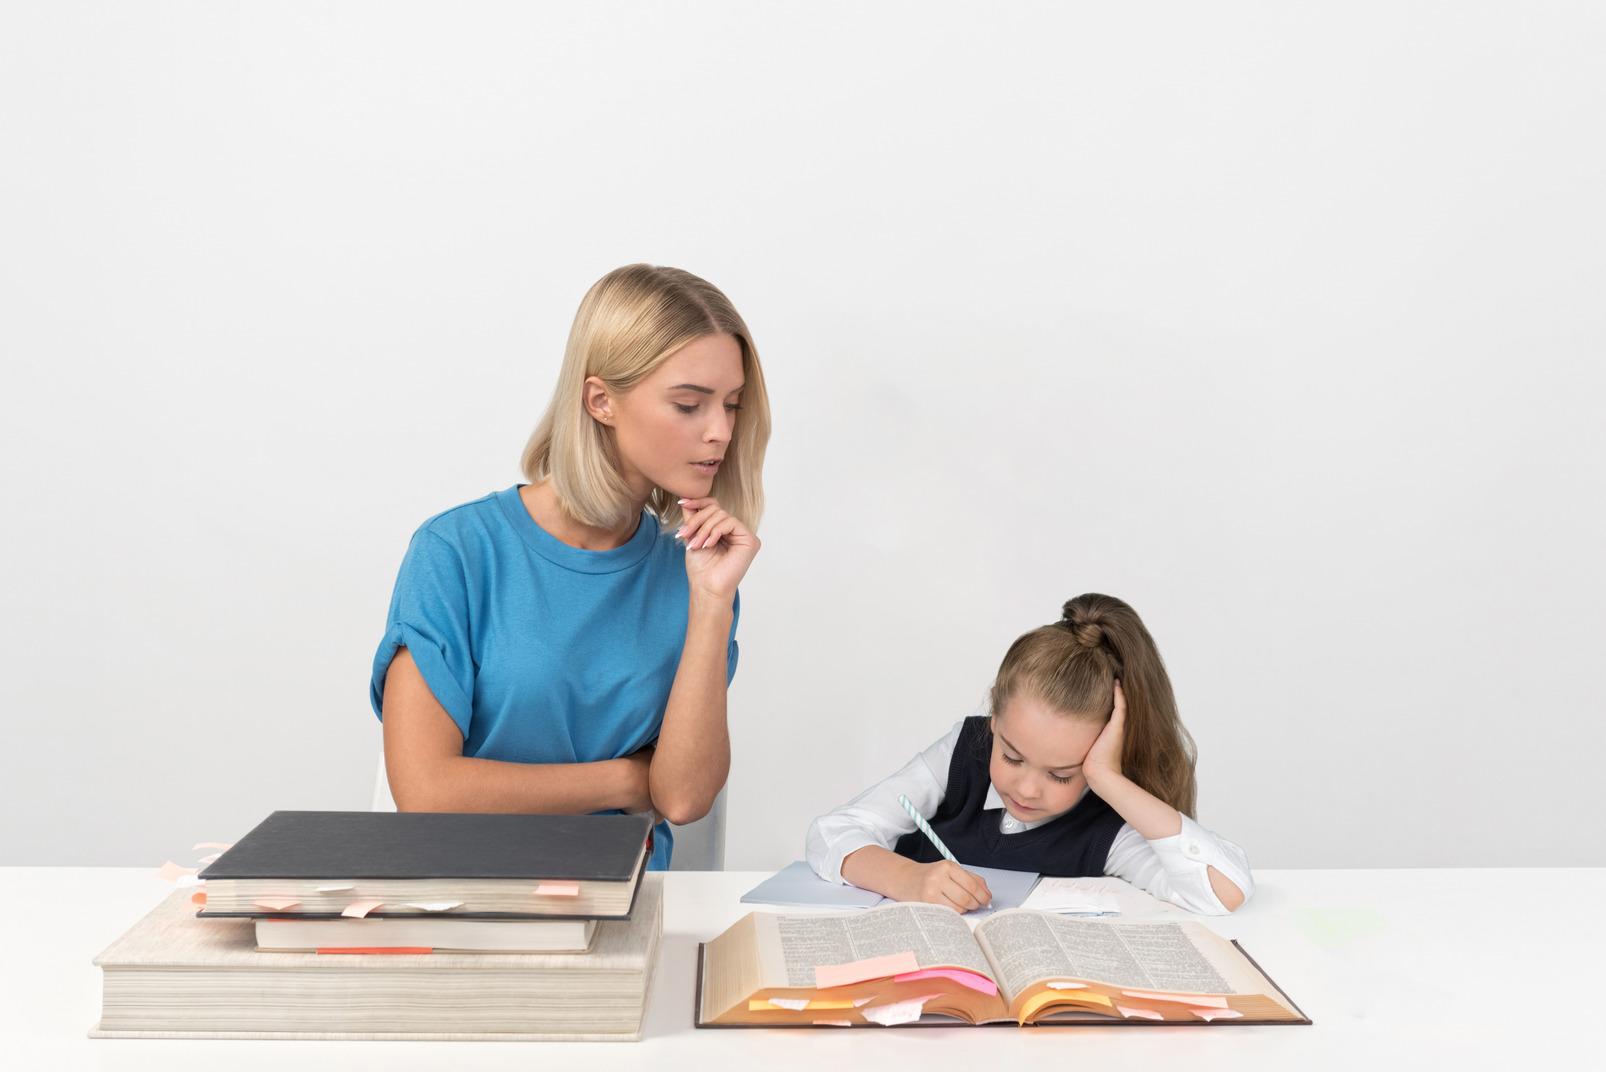 Behalten sie den überblick über das lernen mit der hilfe des lehrers